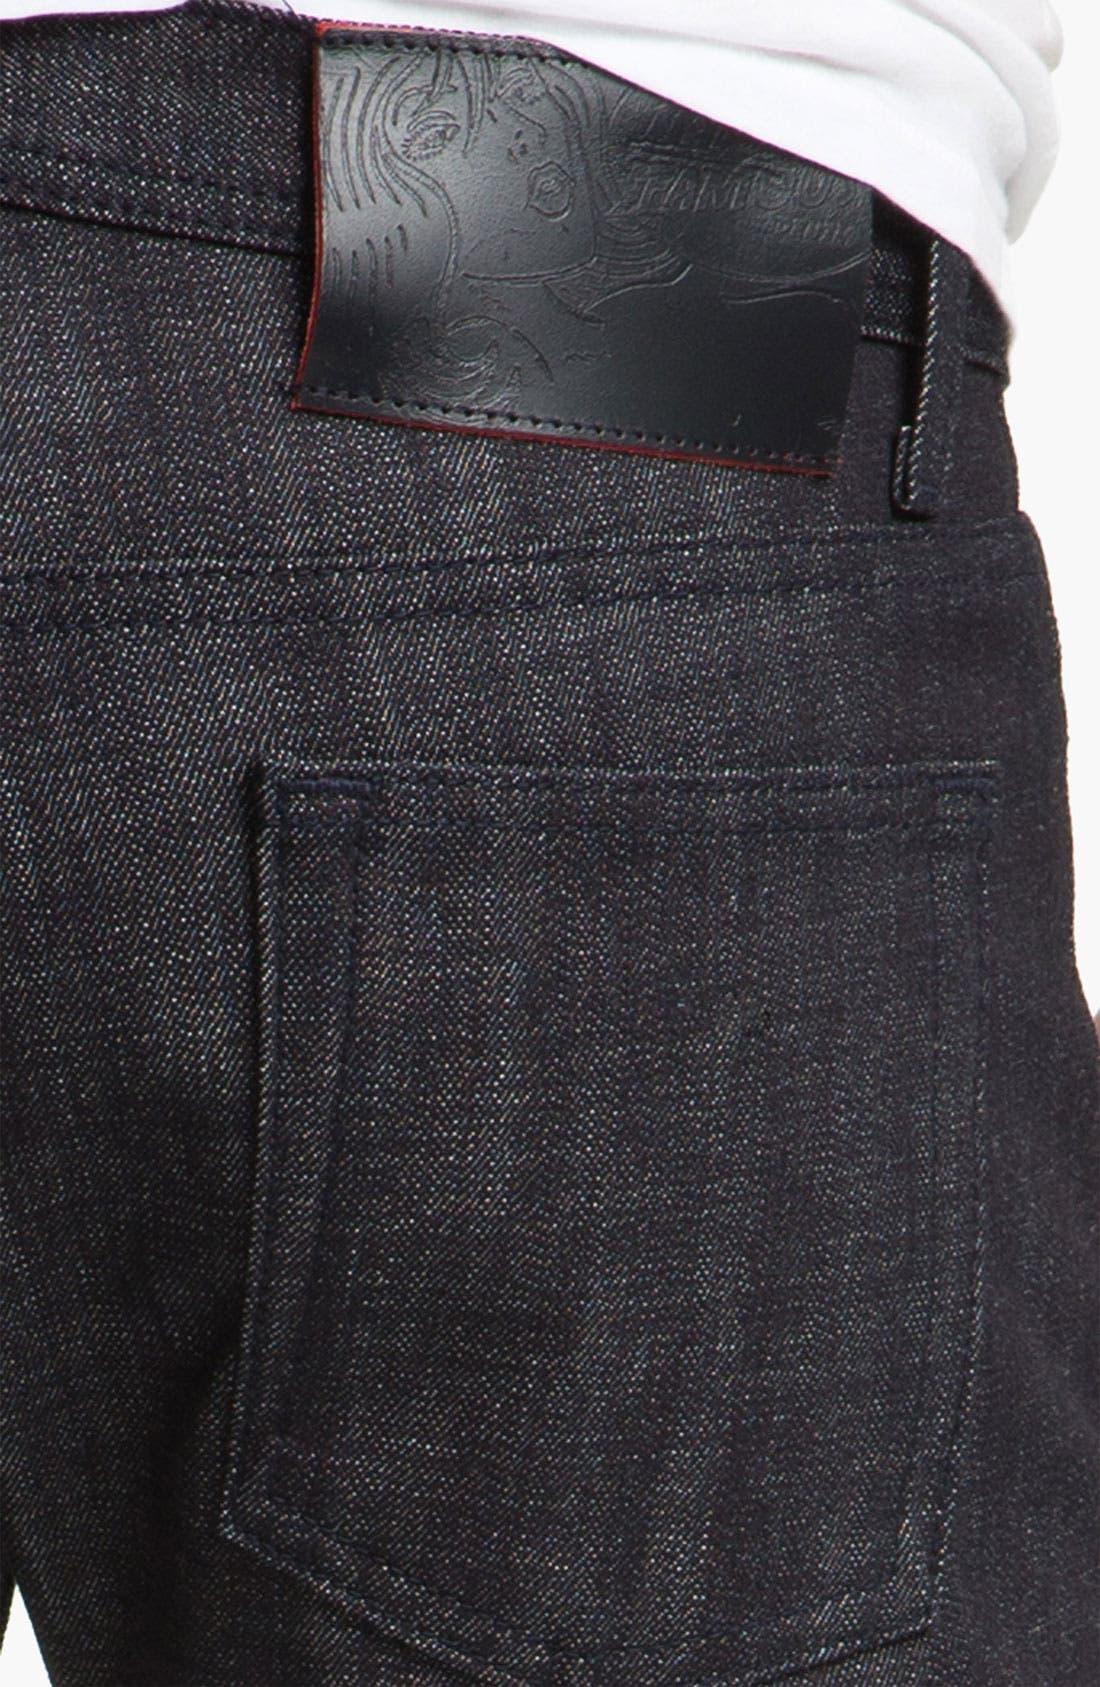 Alternate Image 4  - Naked & Famous Denim 'Weird Guy' Slim Tapered Leg Red Core Selvedge Jeans (Indigo)